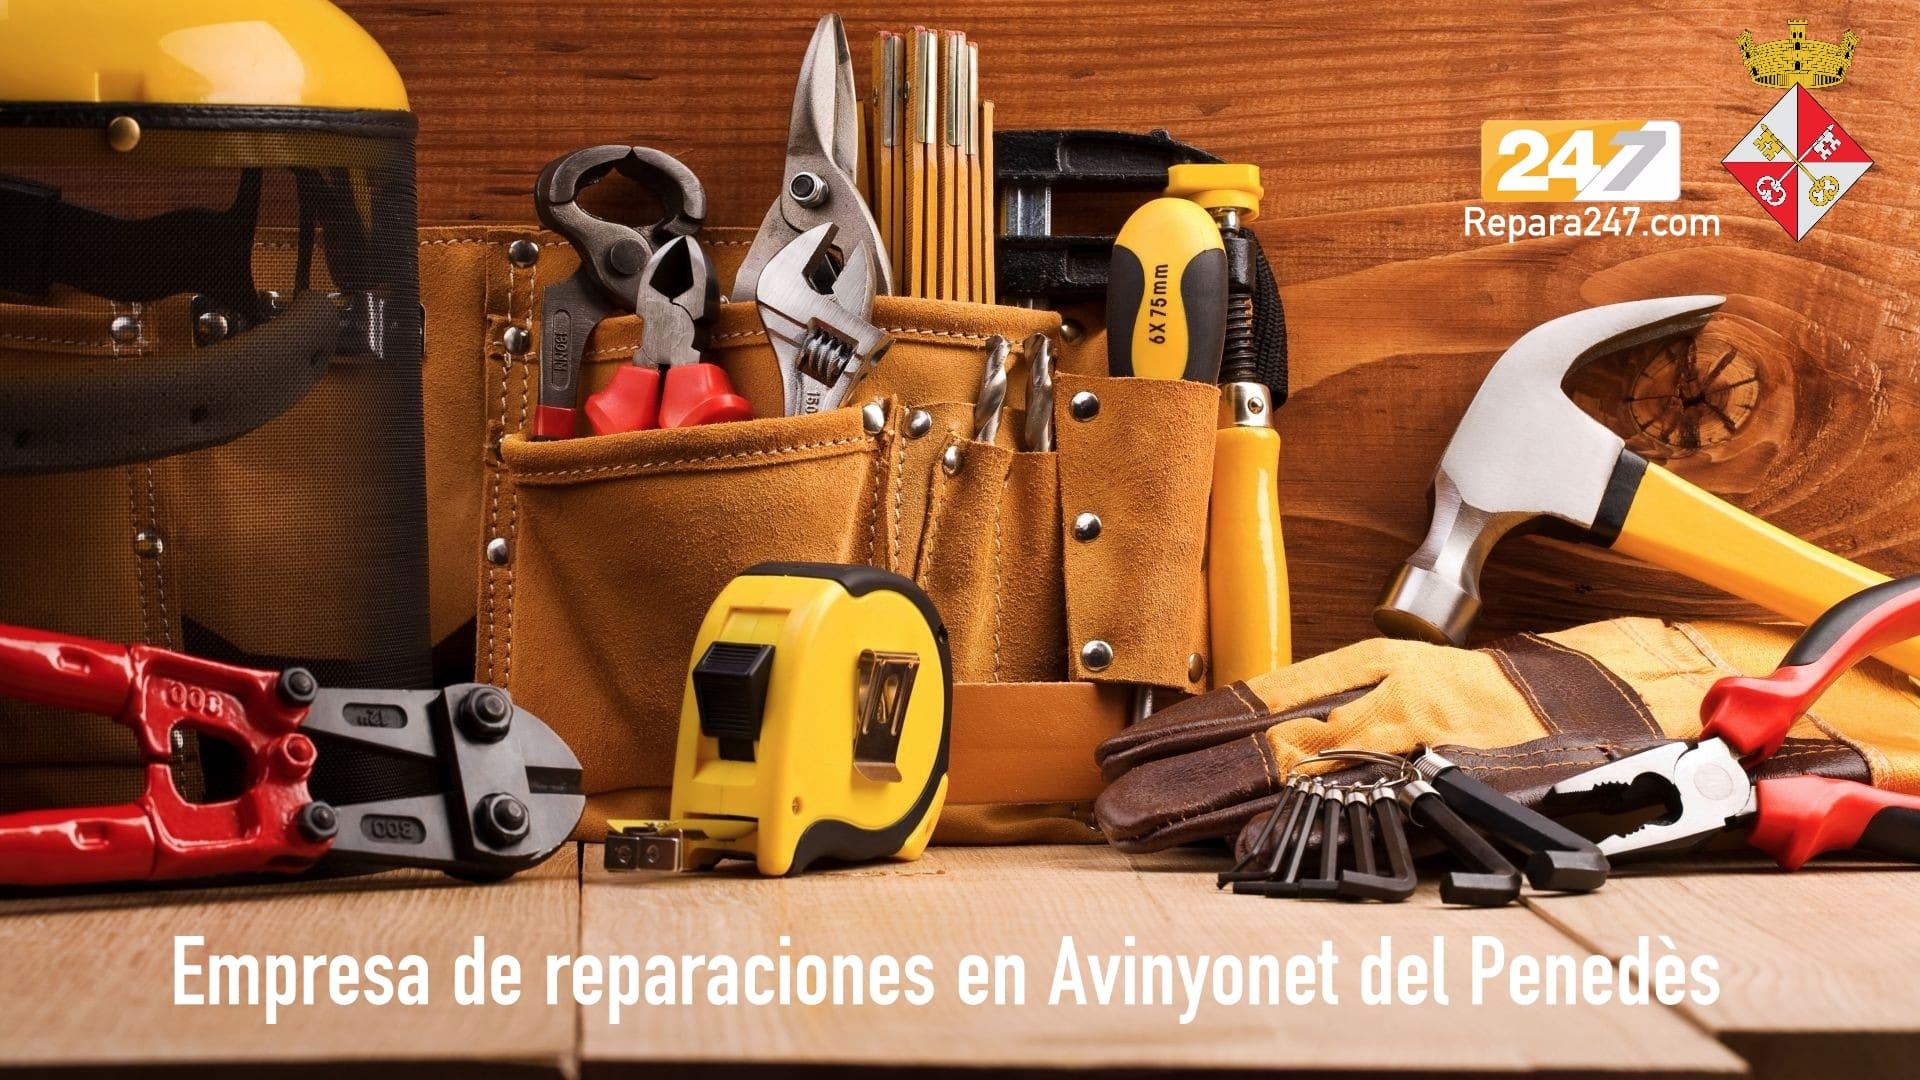 Empresa de reparaciones en Avinyonet del Penedès